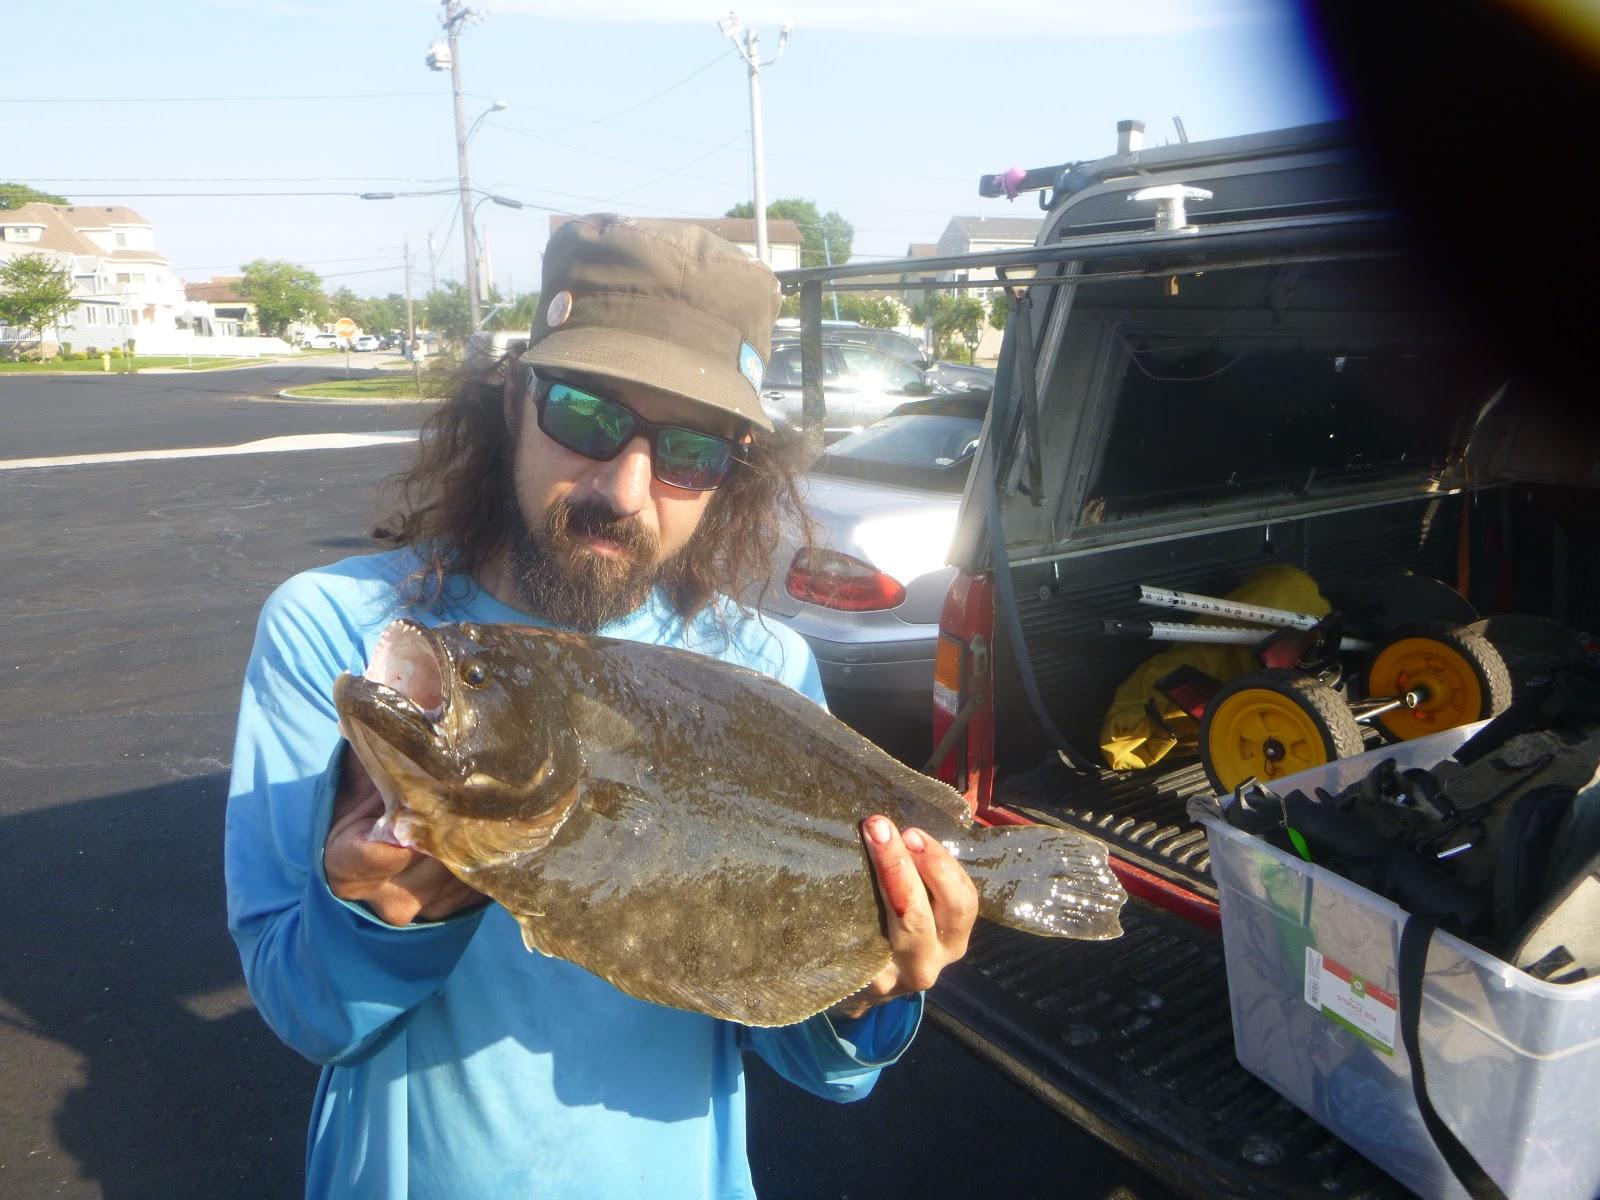 New jersey fishing report fishing new jersey nj fishing keeper fluke nvjuhfo Choice Image